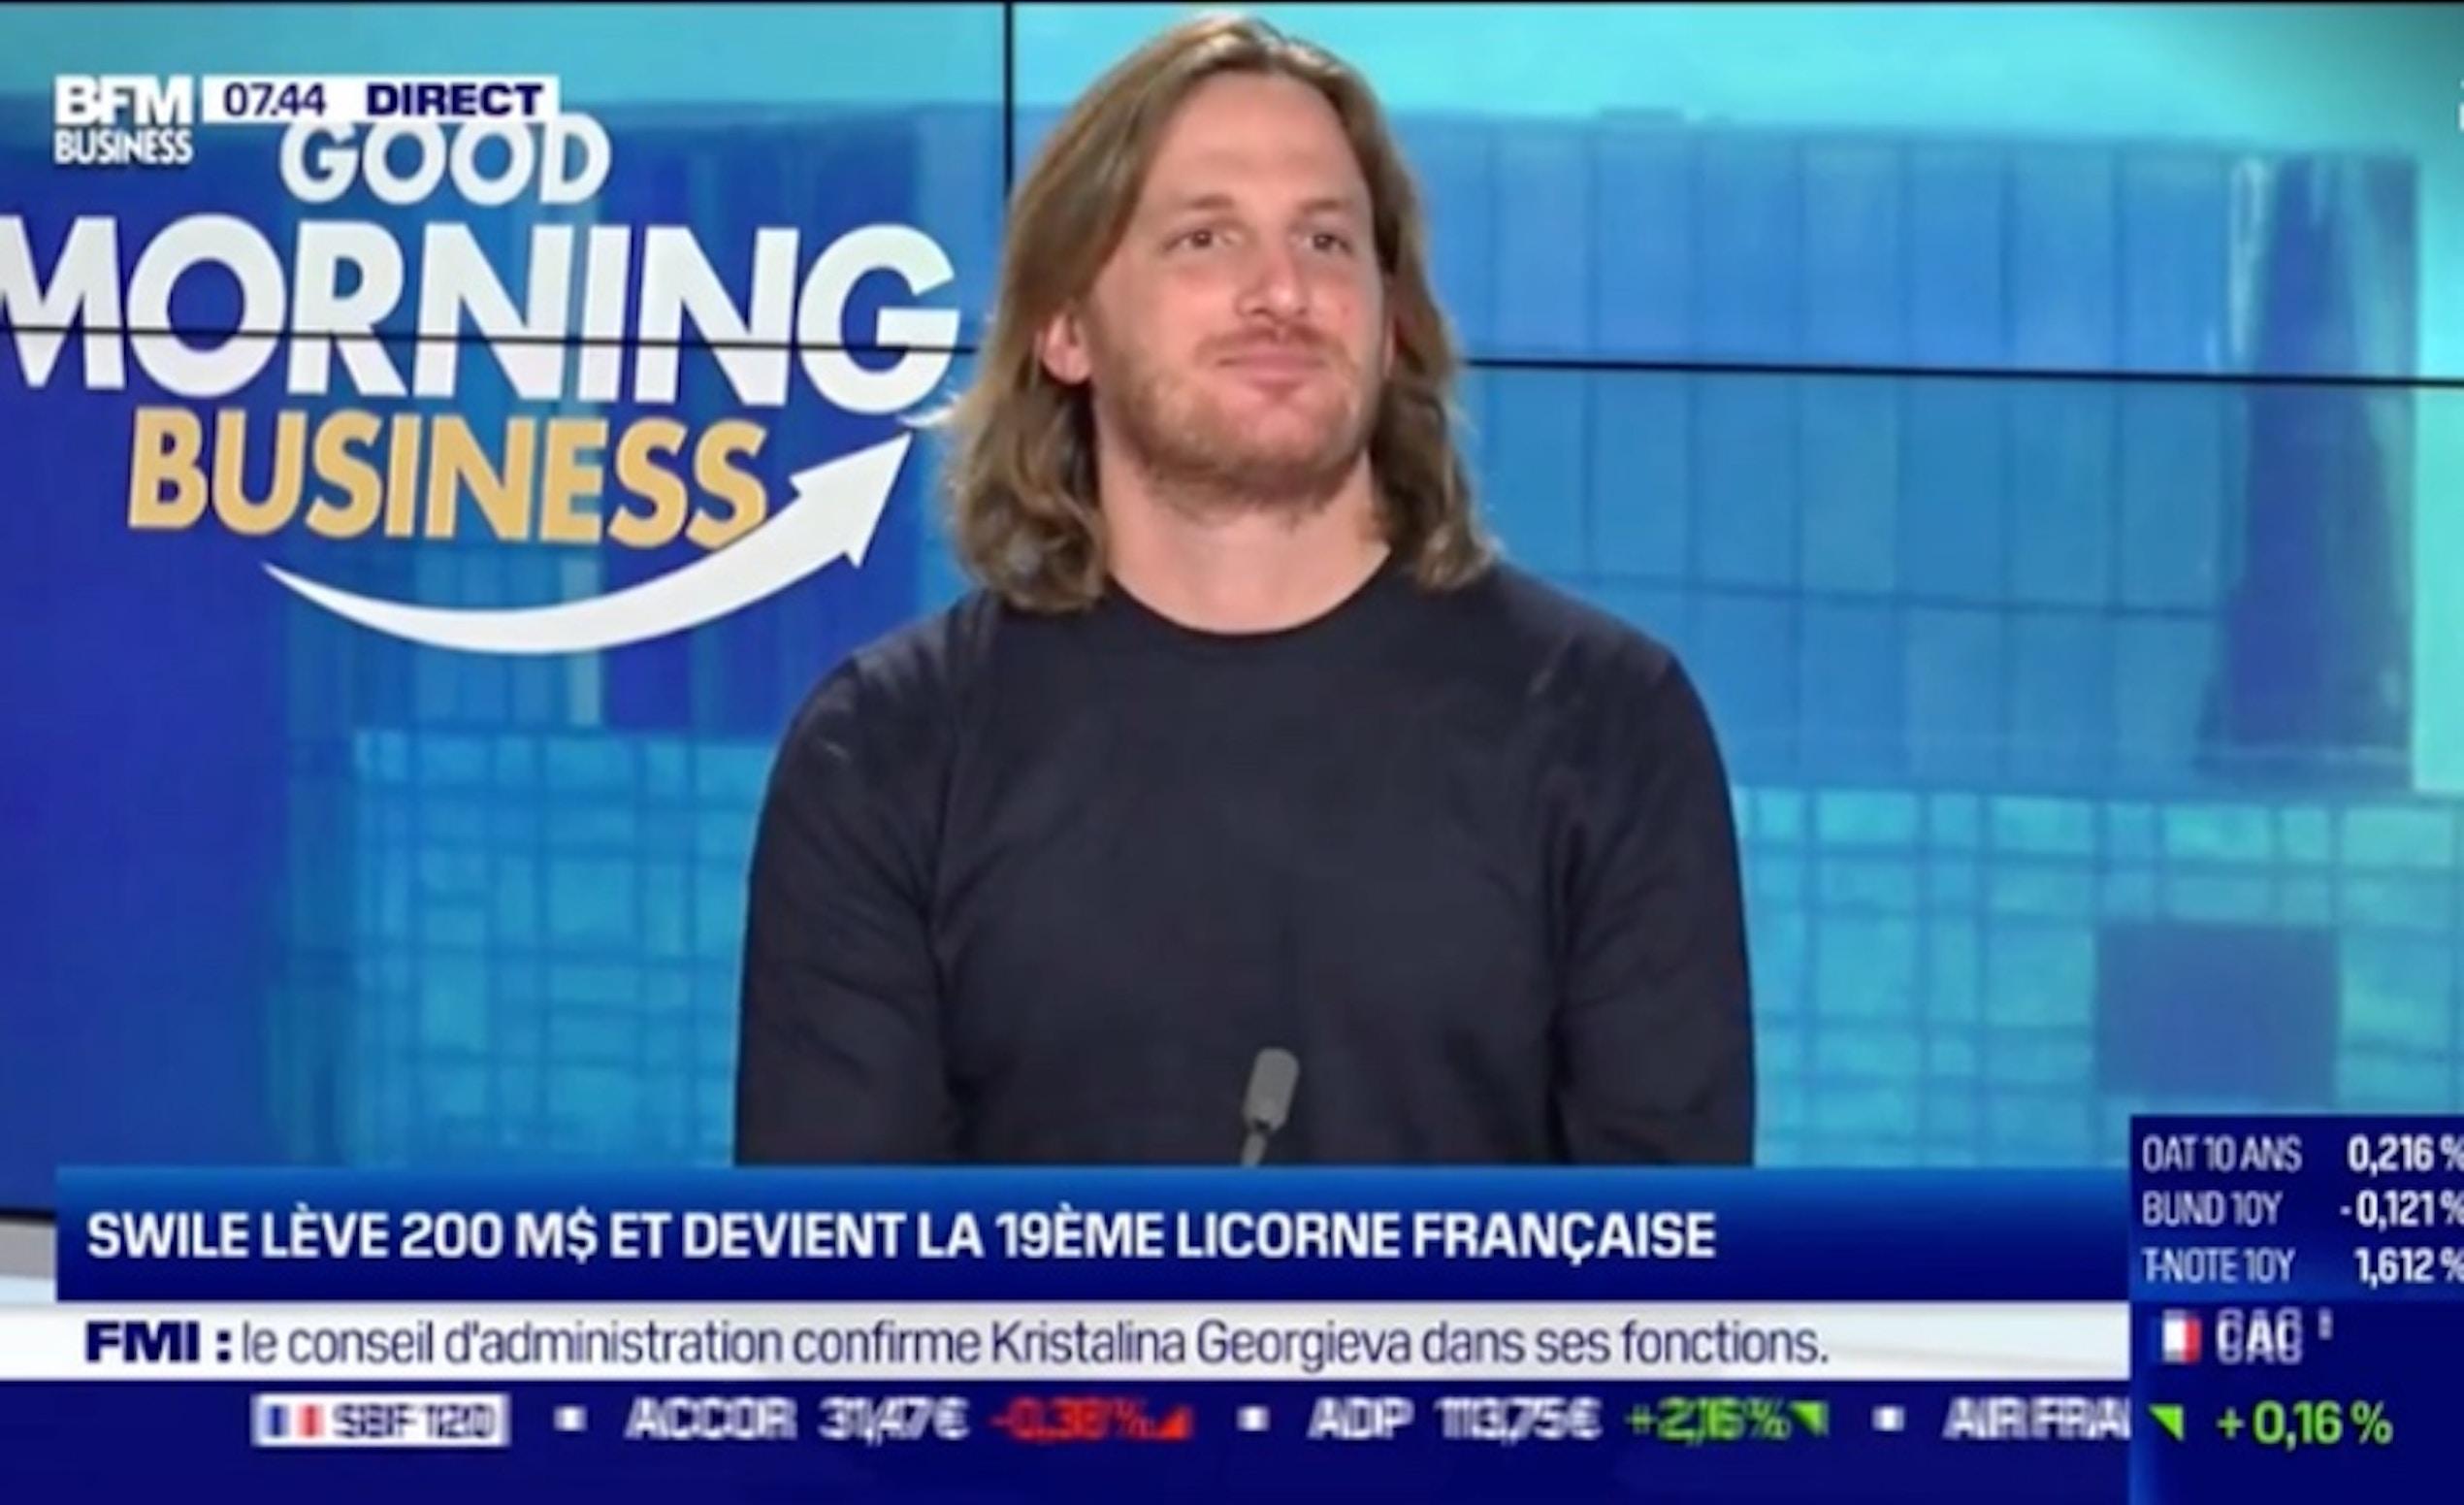 Swile, la nouvelle licorne française qui veut devenir le leader de l'expérience employé